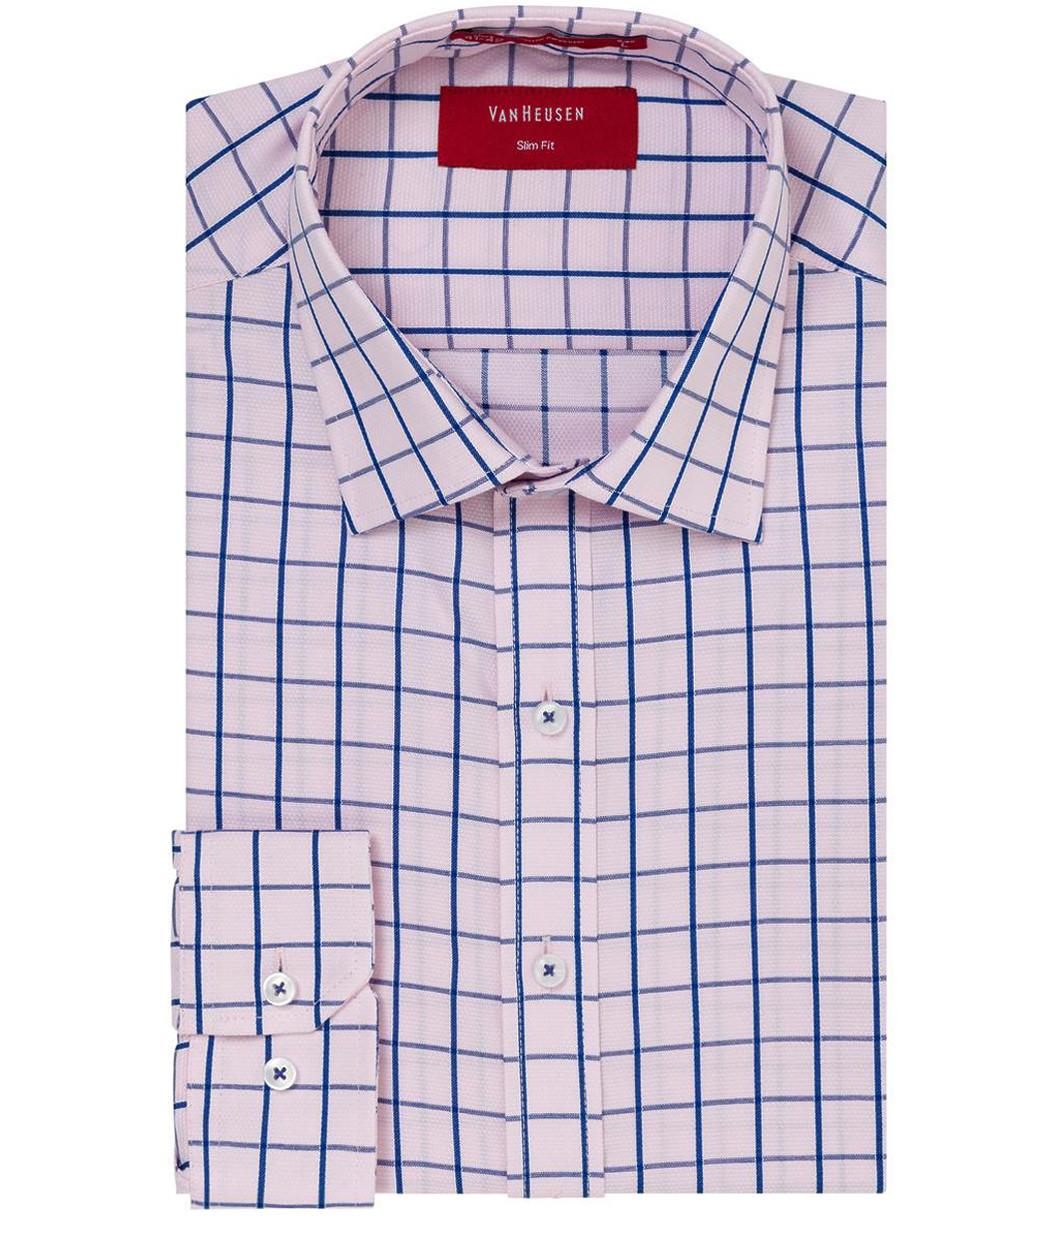 f2af458b7c Van Heusen Slim Fit Shirt Pink Blue Large Check   Mens Business Shirts